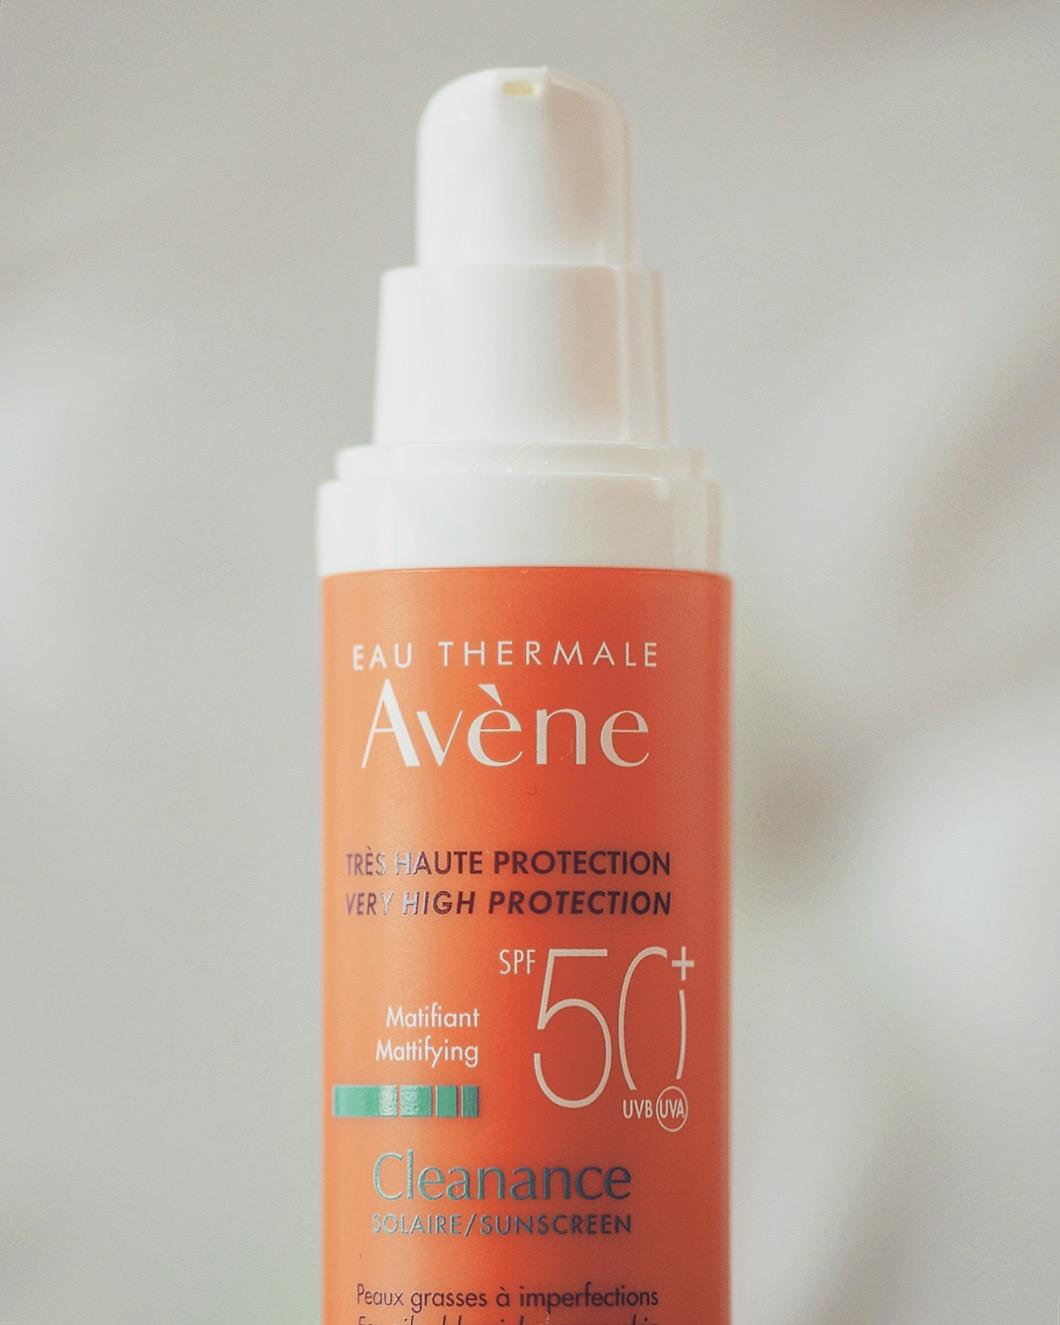 avene cleanance solaire spf 50+ emulsja dla skóry trądzikowej i tłustej krem z filtrem avene do skóry tłustej z kompleksem antyoksydacyjnym czy tłusty